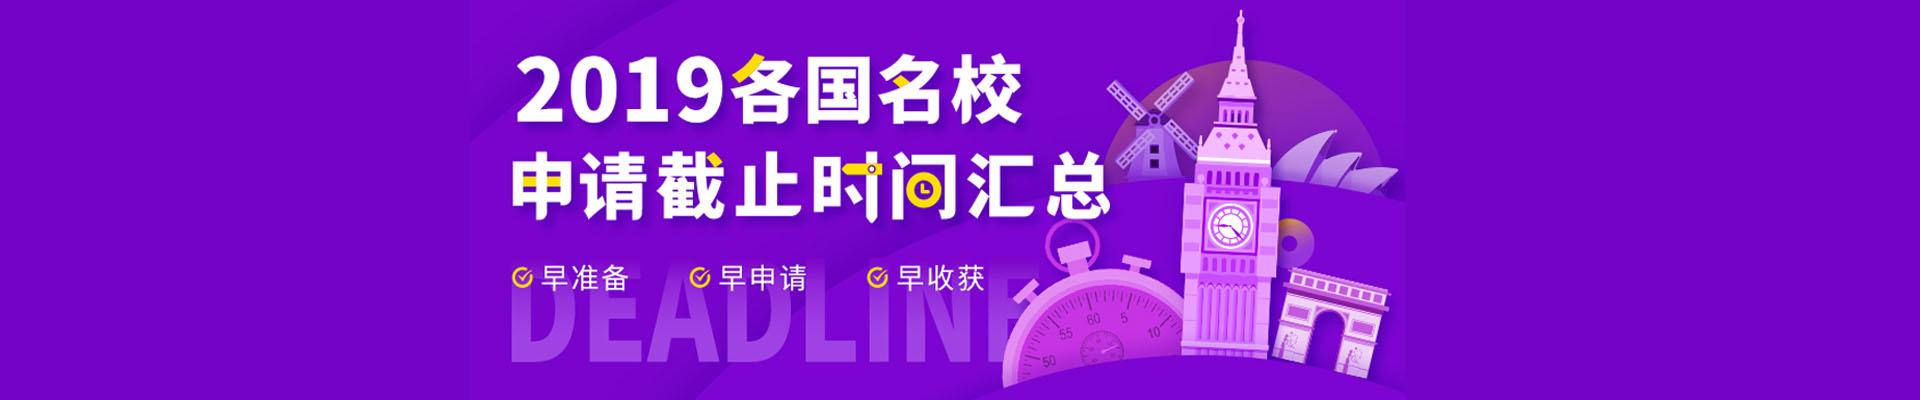 武汉新通语言培训机构